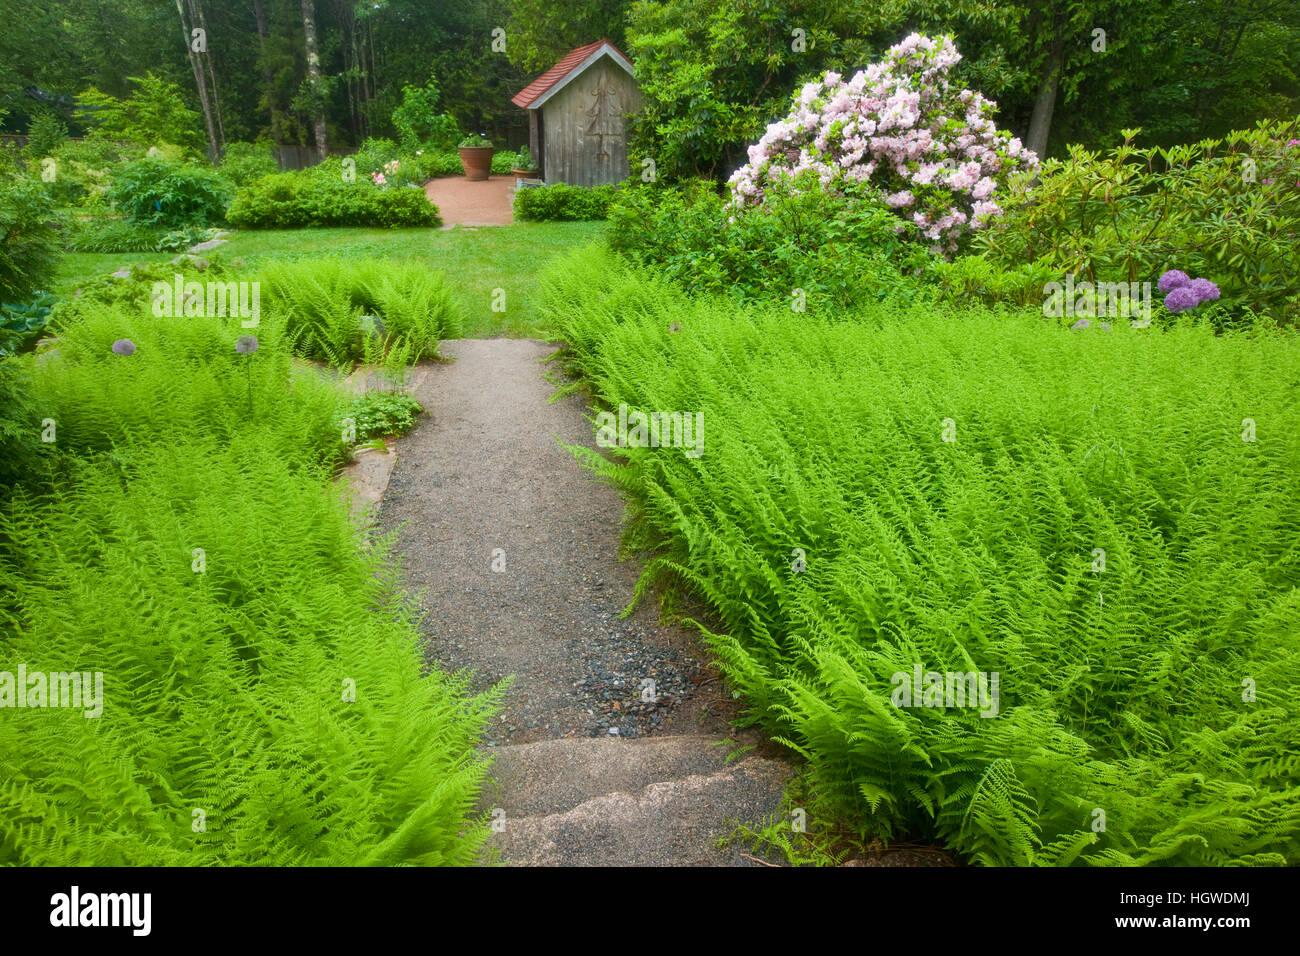 Thuya Gardens in Northeast Harbor, Maine. Stock Photo